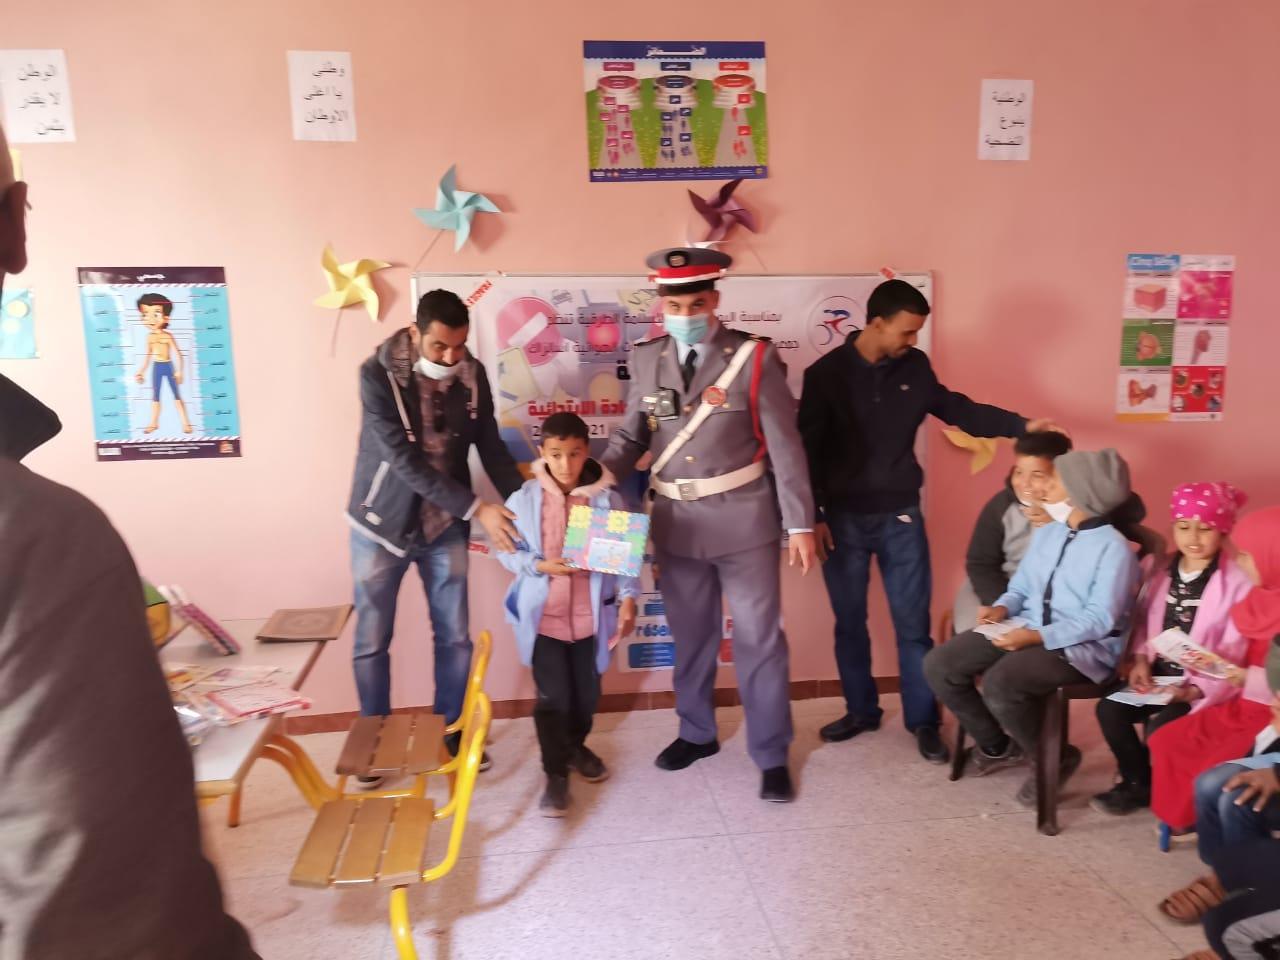 البيرات:نشاط تحسيسي وترفيهي لفائدة تلاميذ مجموعة مدارس المحمادة الابتدائيةمن تنظيم عصبة كلميم واد نون للدراجات